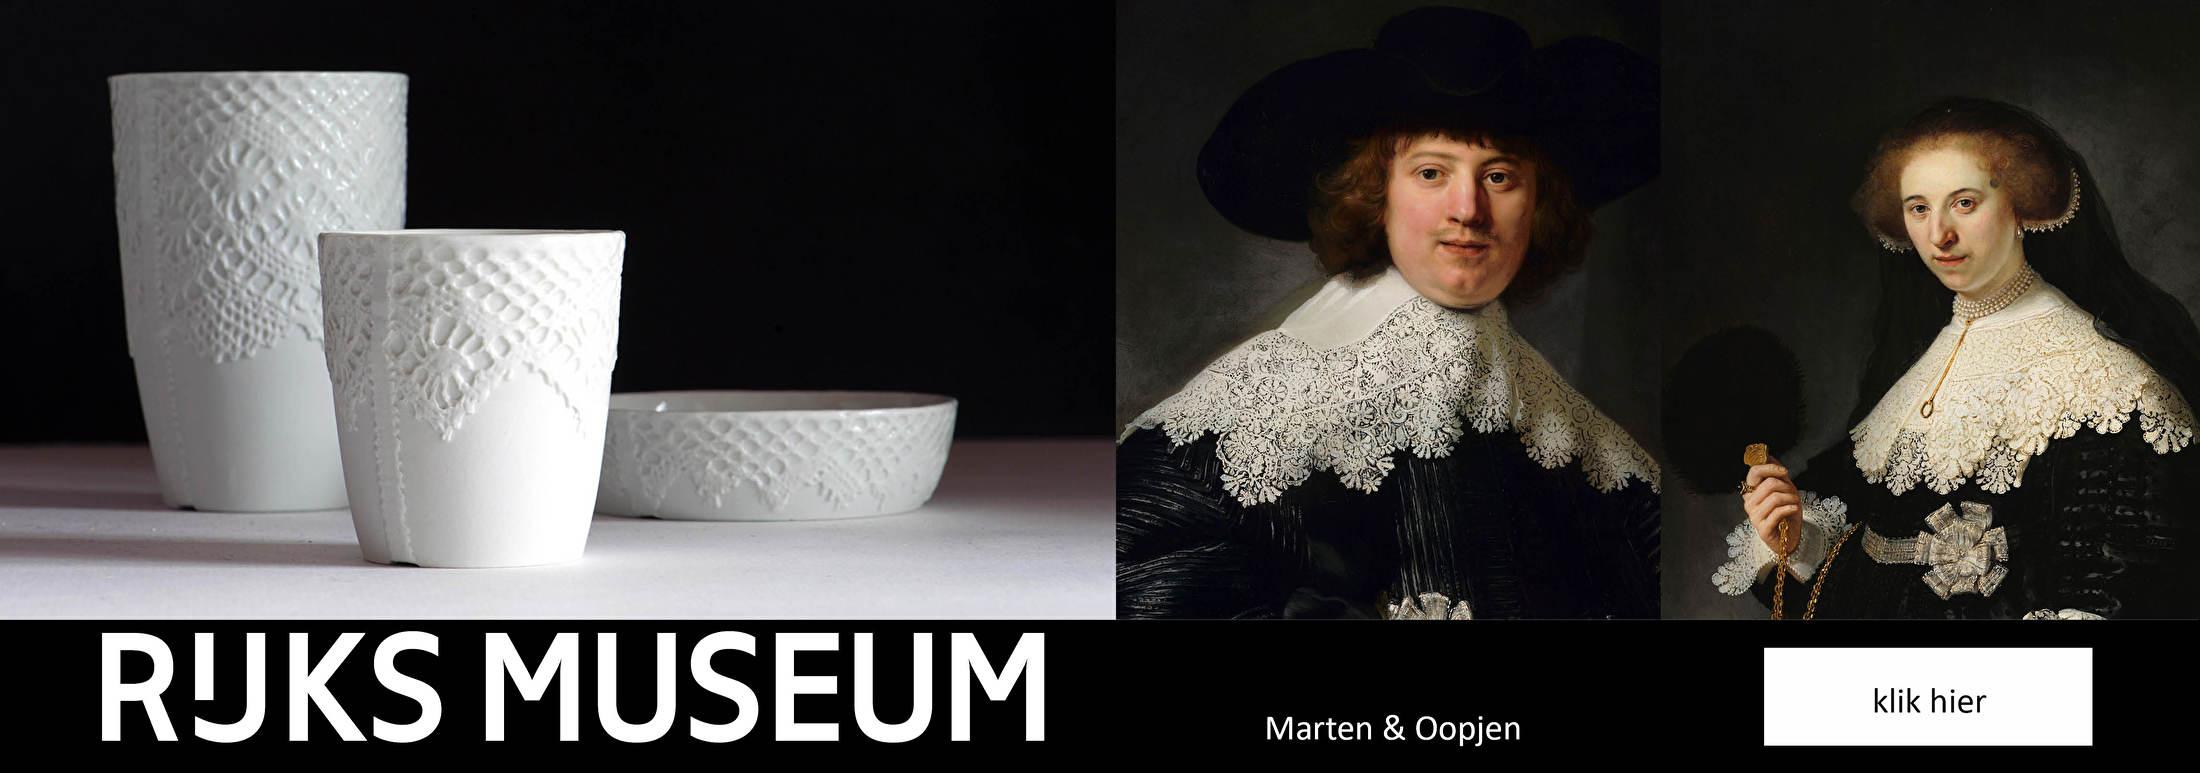 Banner Rijksmuseum collectie 2020